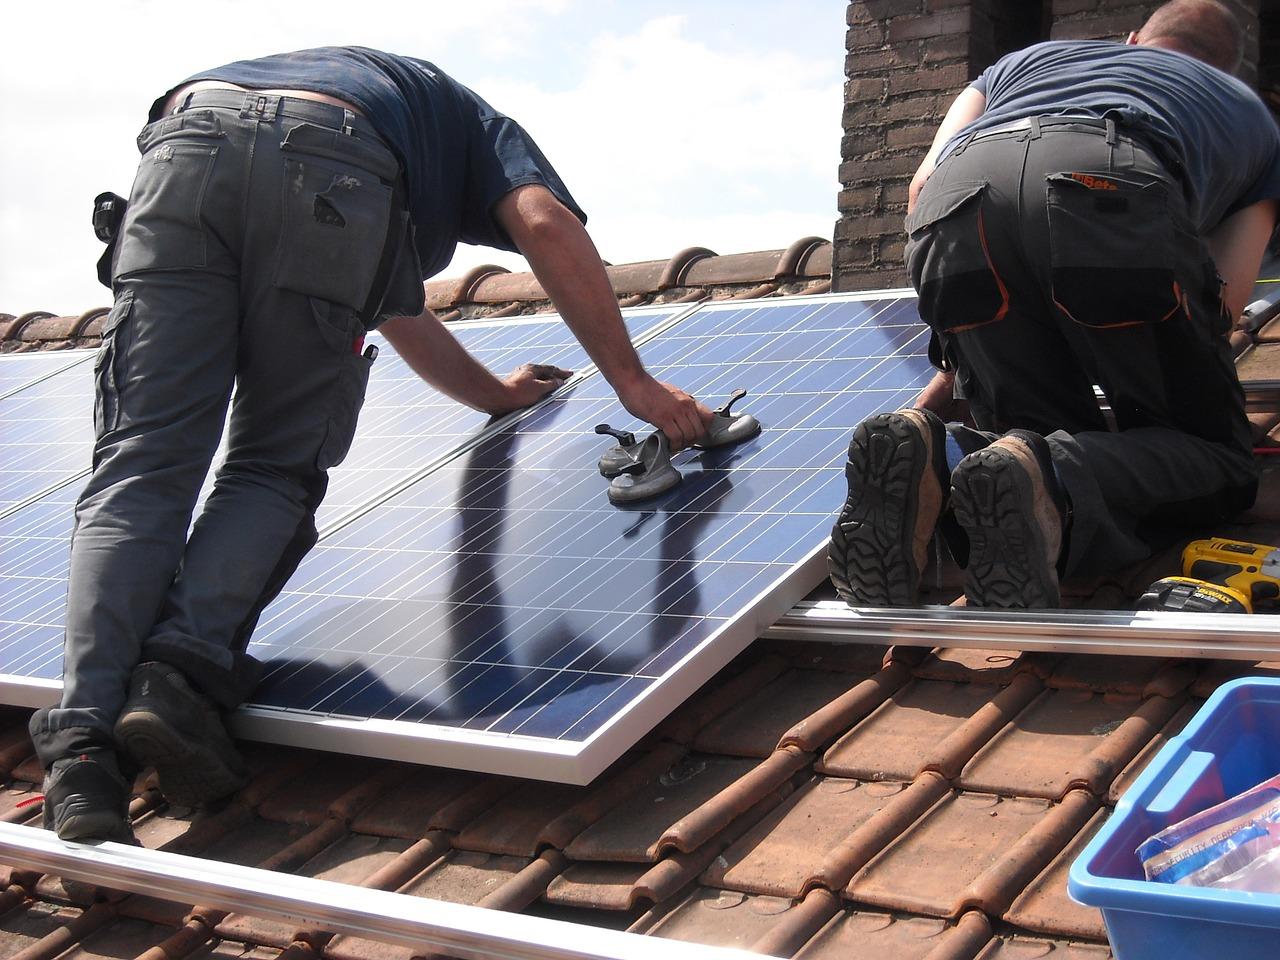 Ein Solarpanel wird auf einem Dach montiert. | Foto Maria Godfrida / Pixabay